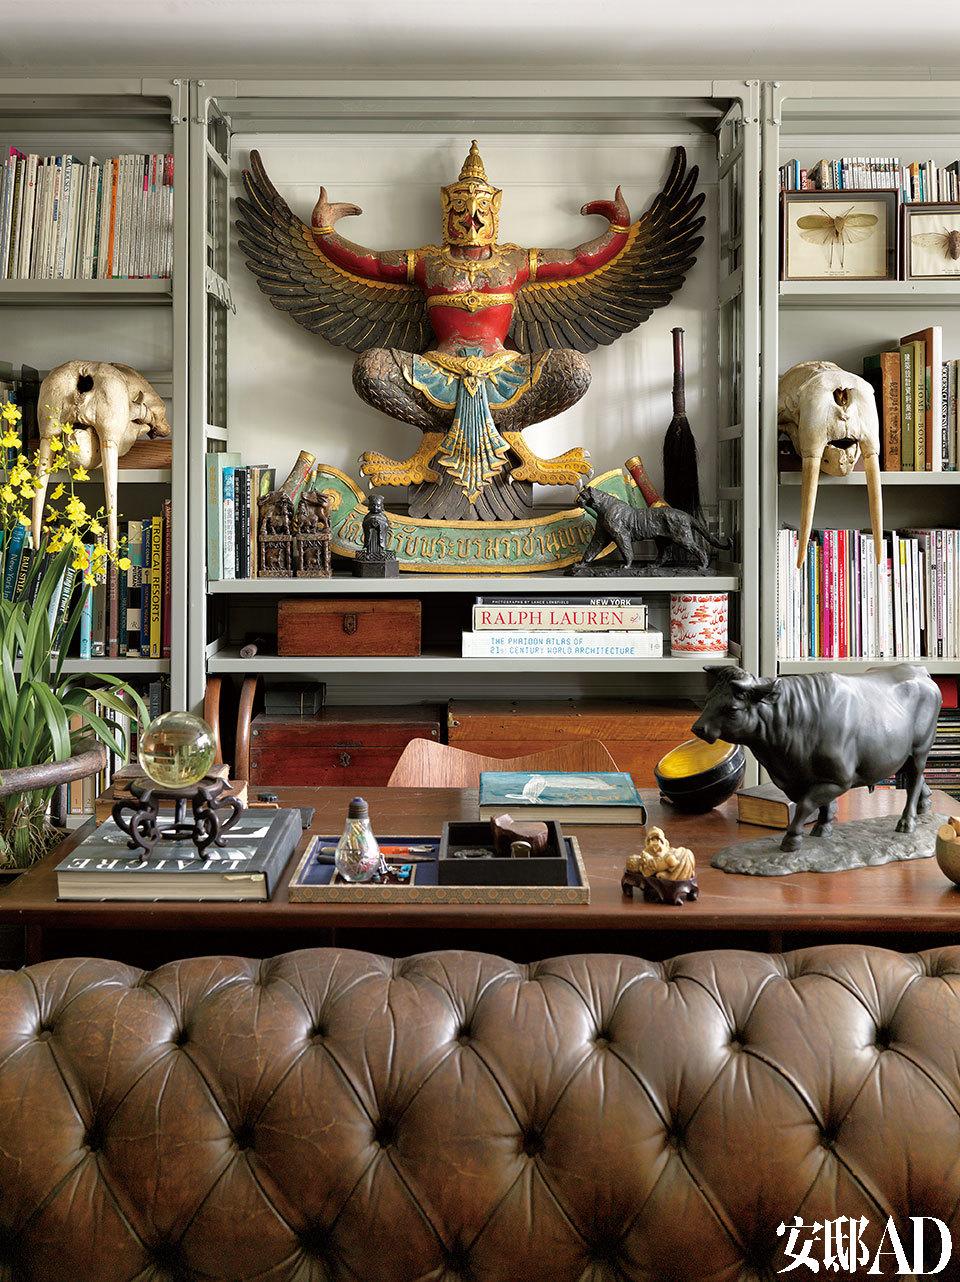 """客厅一角,其组合铁柜为一般办公空间所用,书架上的书籍是叶裕清从年轻时就一直爱看的书籍杂志。中间""""Garuda""""鸟头人身雕塑象征着泰国王室;两侧的海狮骷髅于英国买入;桌上的黑色""""牛""""为父亲送的礼物,为日本艺术家"""" 芳山""""作品。切斯特菲尔德风格沙发是比利时买的。"""